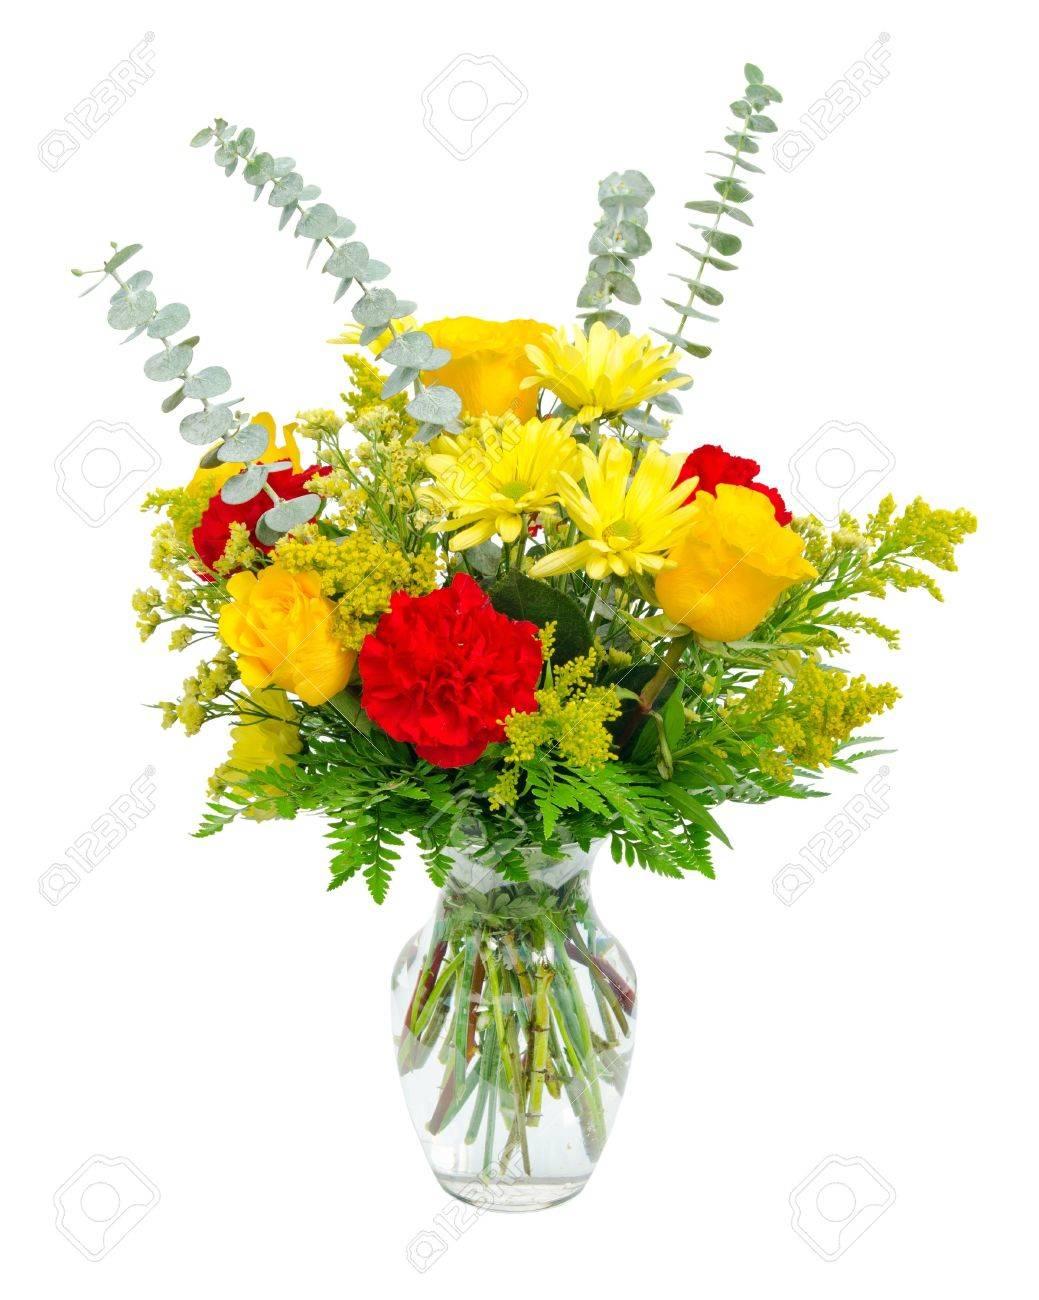 Berühmt Bunte Blumen-Arrangement Herzstück In Glas-Vase Mit Rosen, Lilien &CB_03